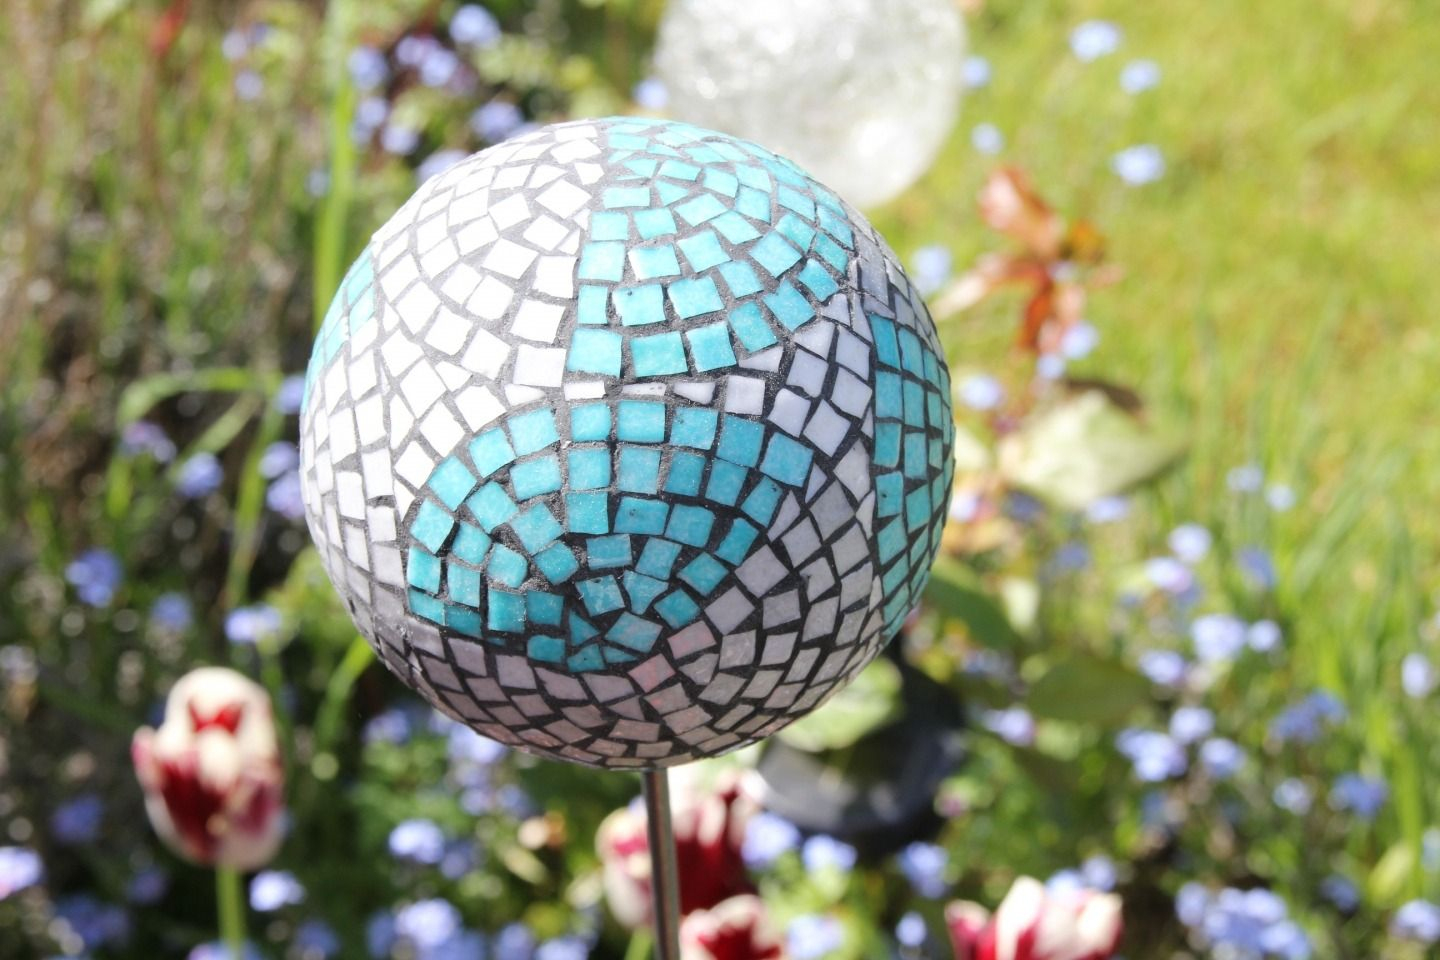 La Boule De Jardin Décorative En Mosaïque: Les Bleus De Mer ... concernant Boule Décorative Jardin